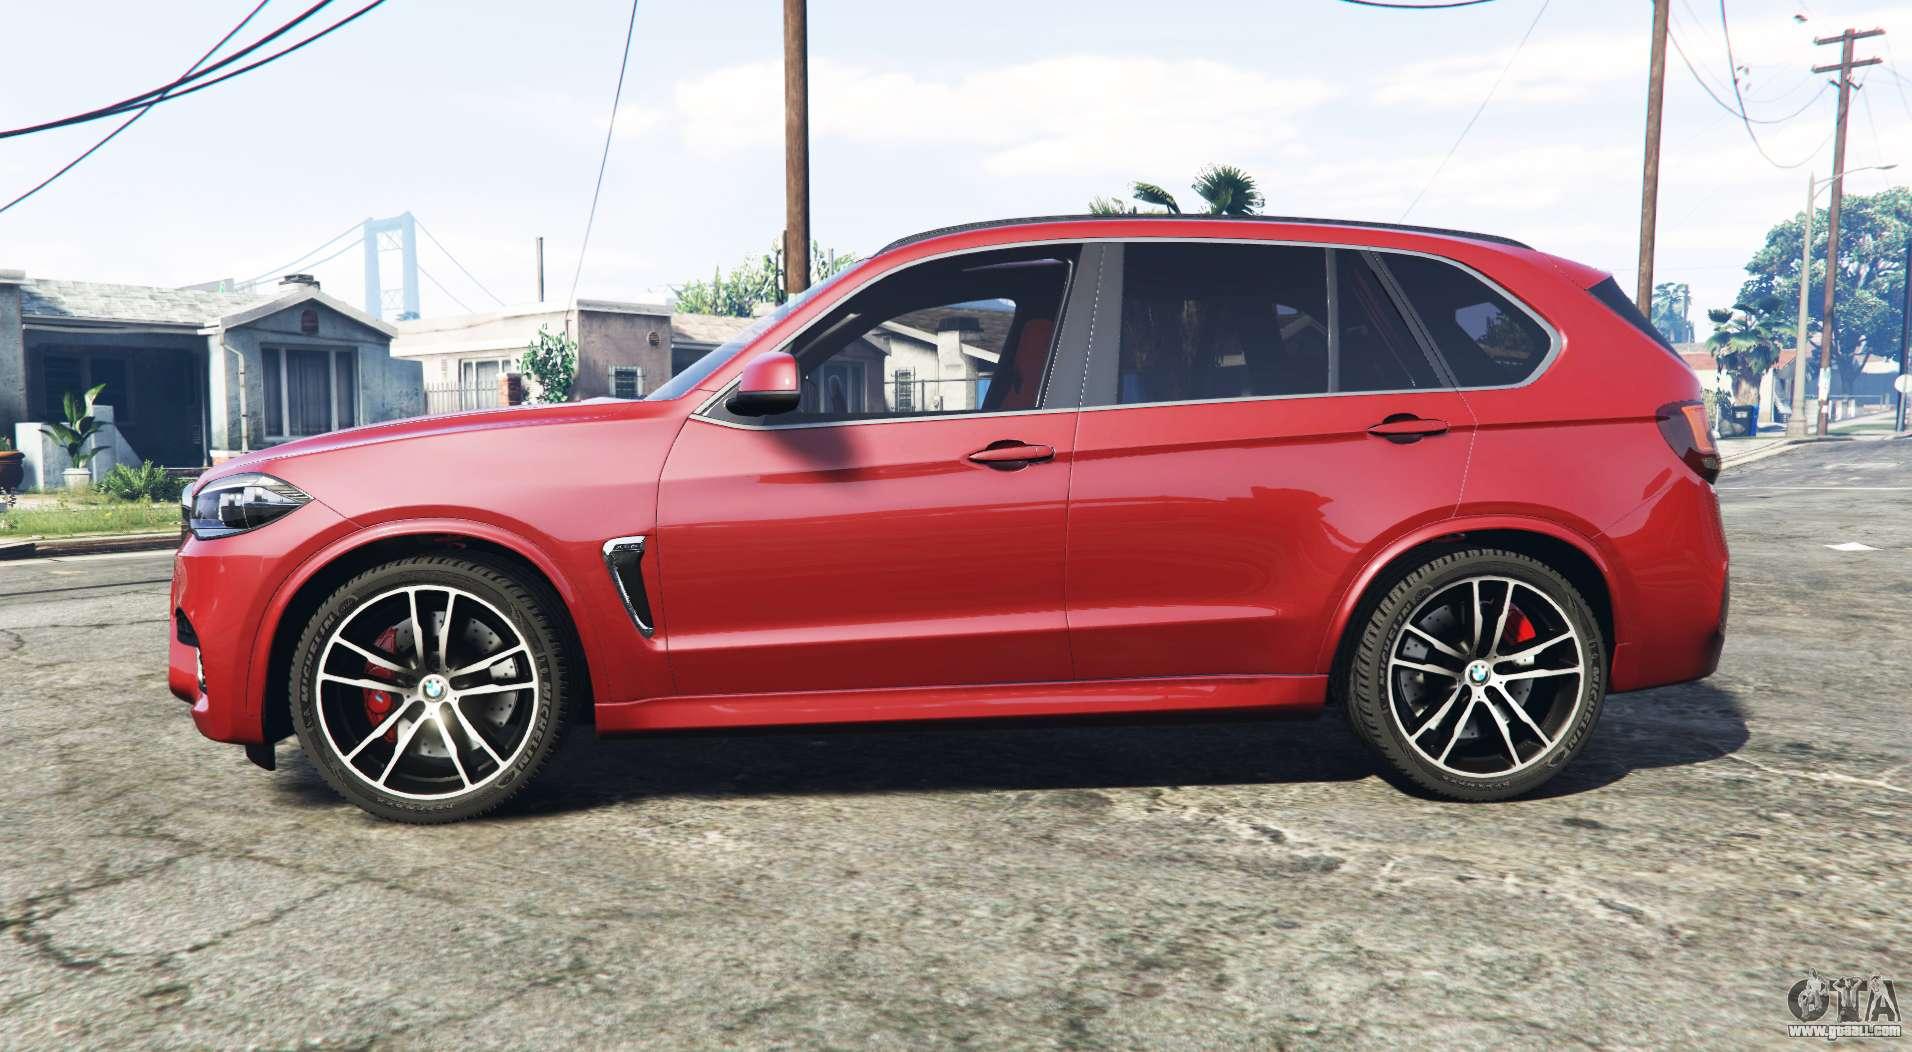 BMW X5 M (F85) 2016 [add-on] for GTA 5